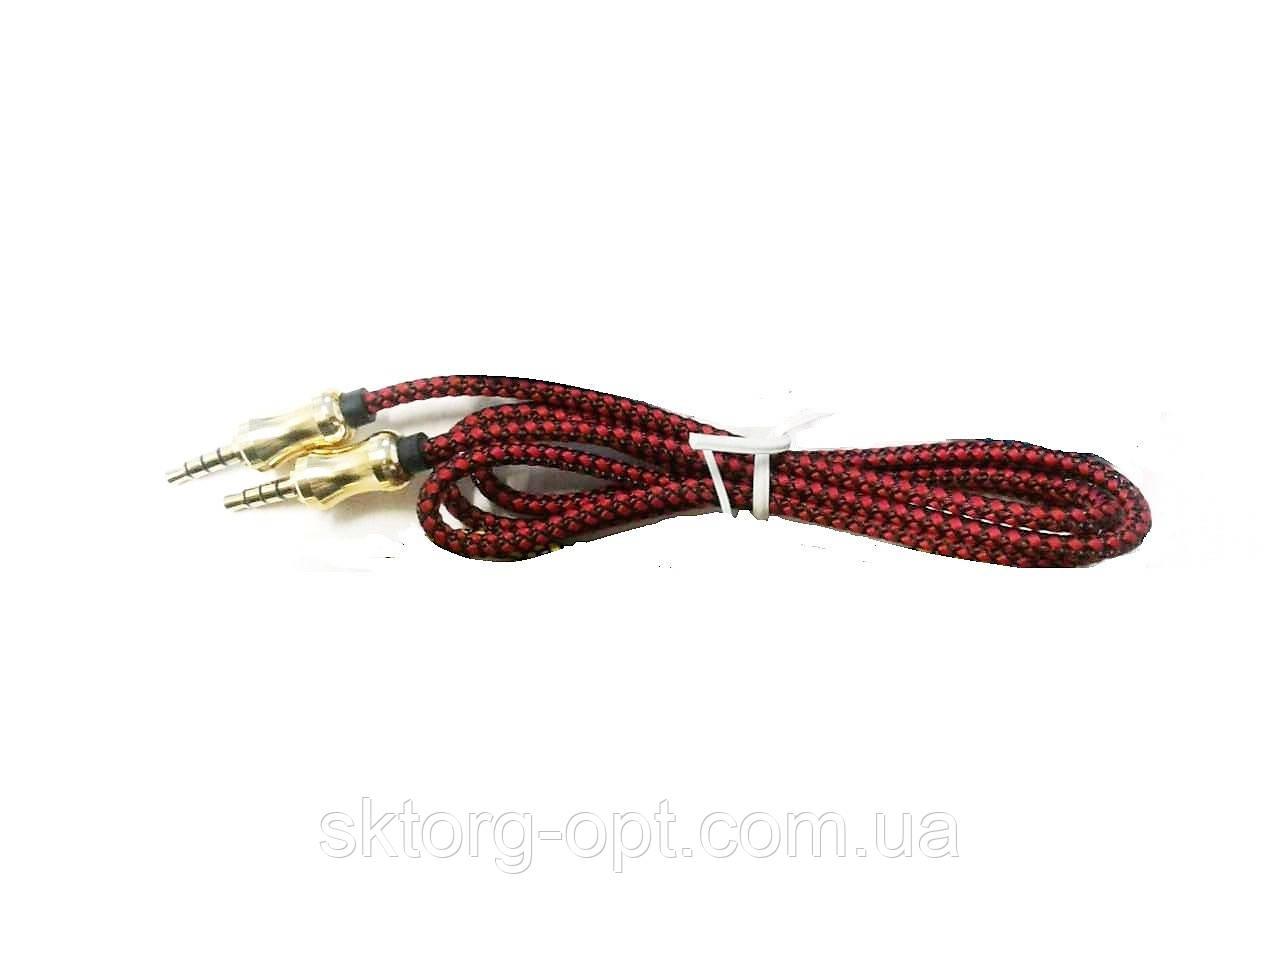 Aux кабель Sertec 3.5 mm RDX-200